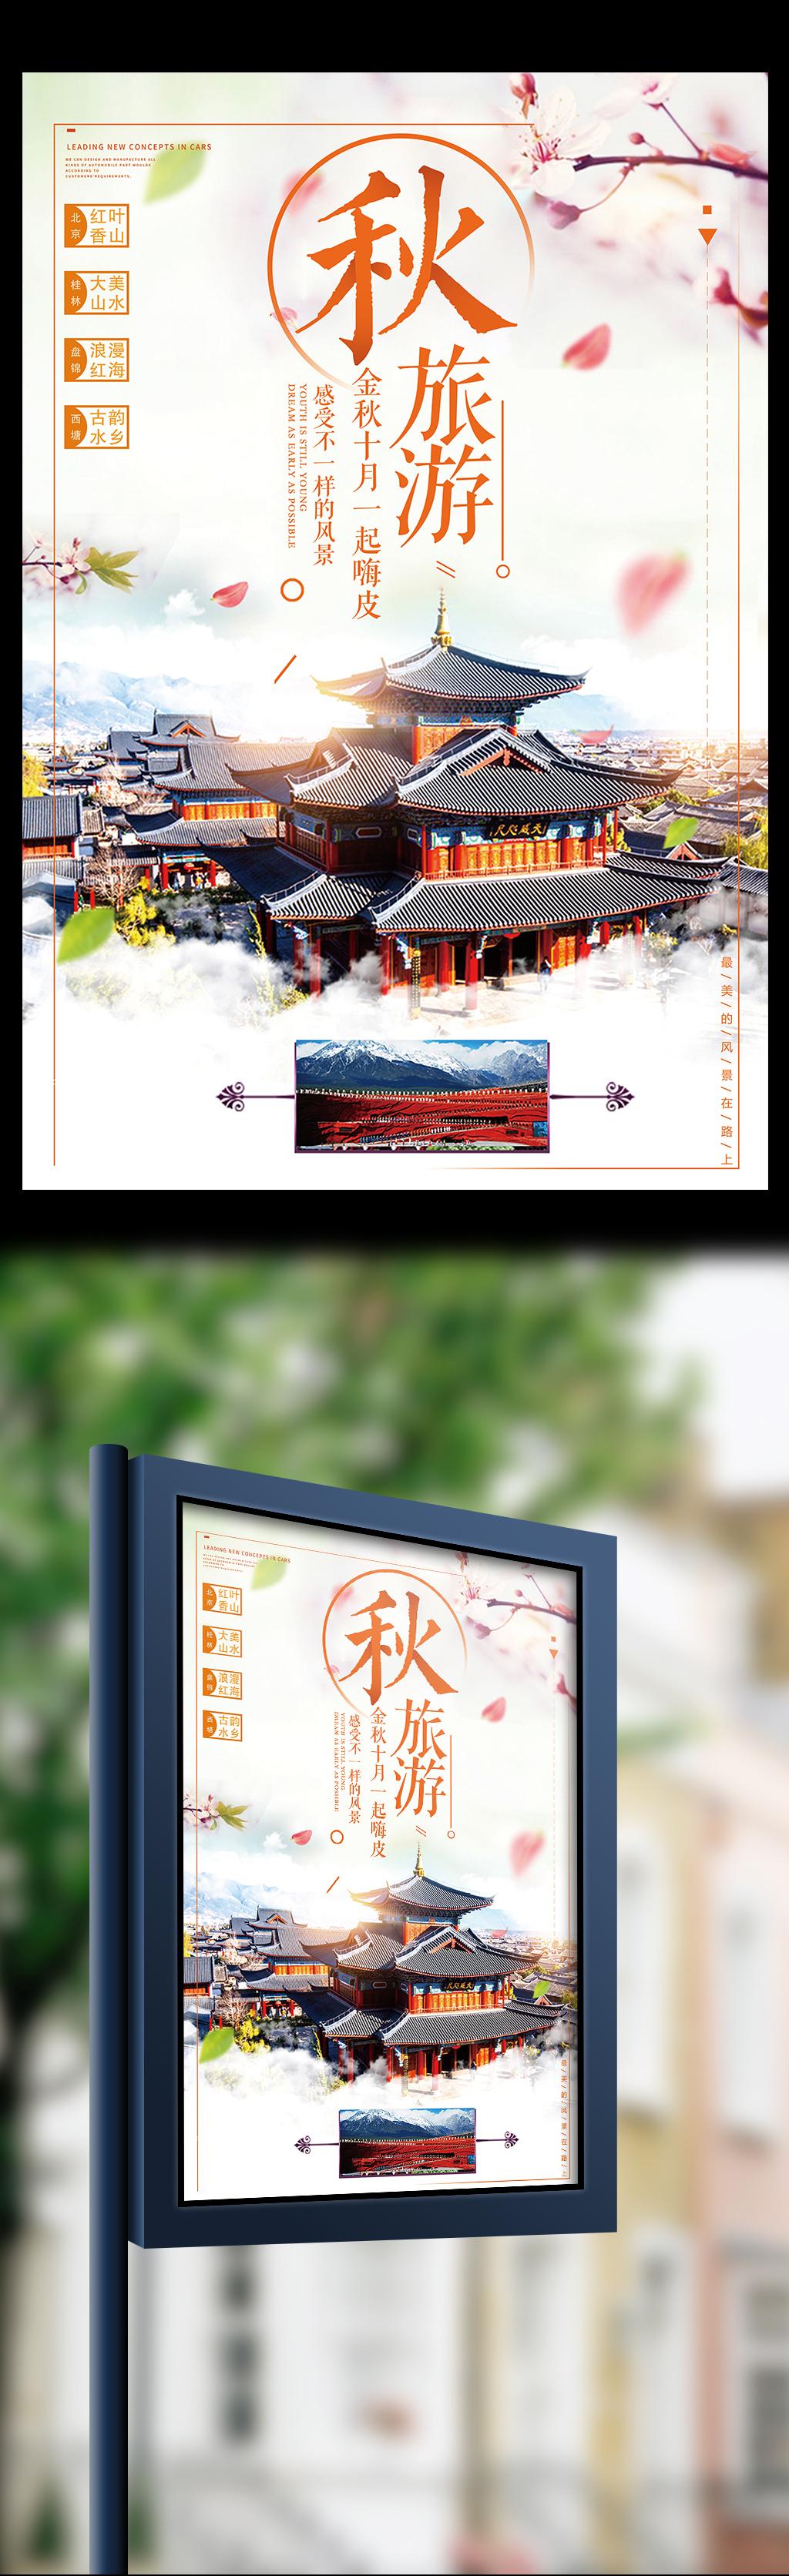 秋季旅游宣传海报模板